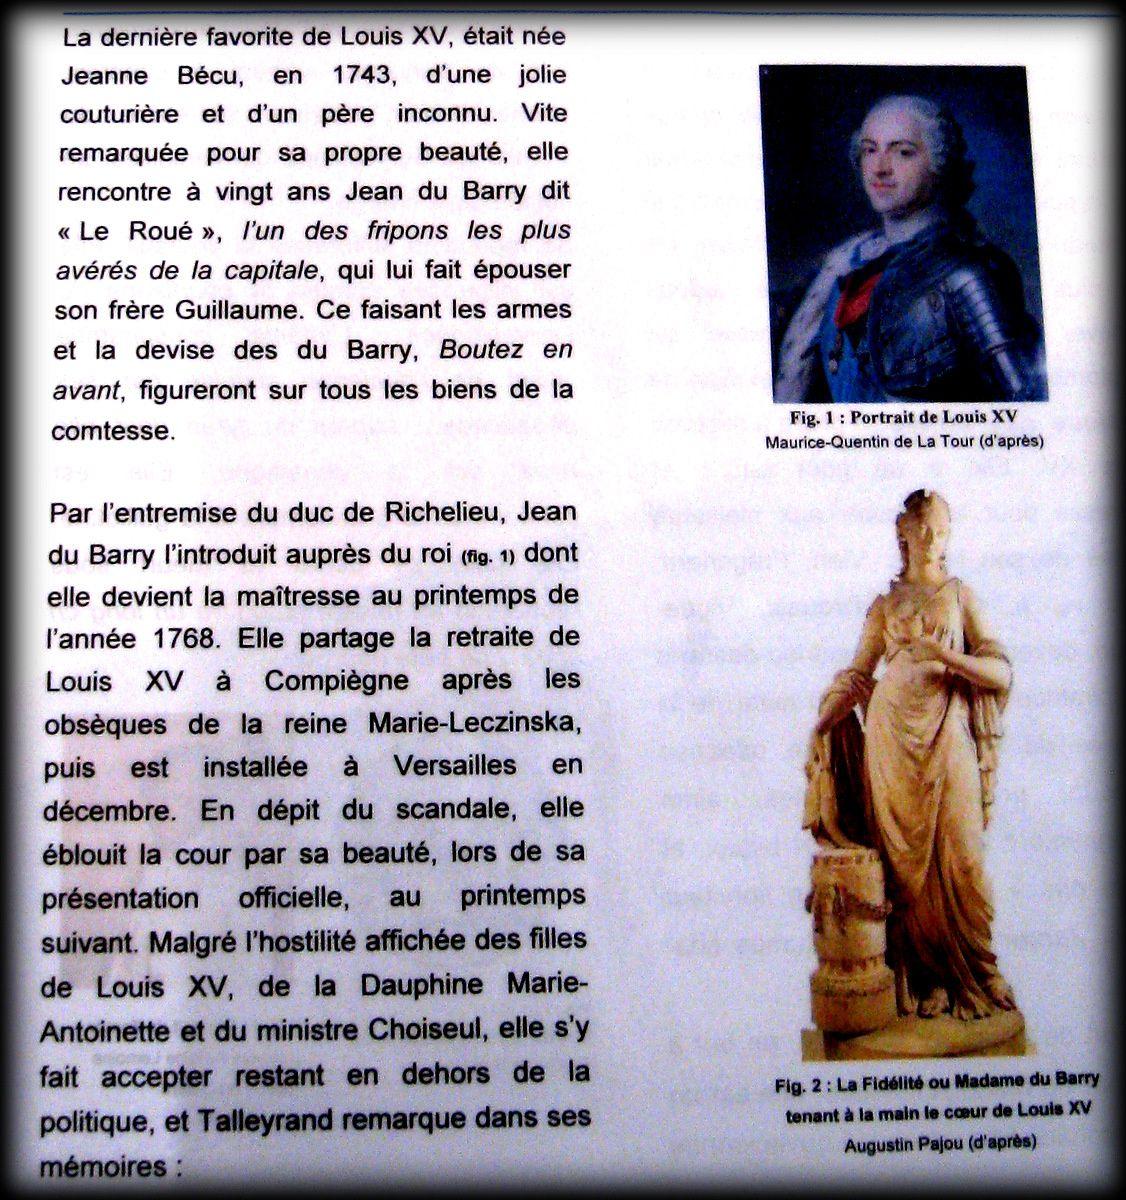 Buste de Madame du Barry d'après Auguste Pajou